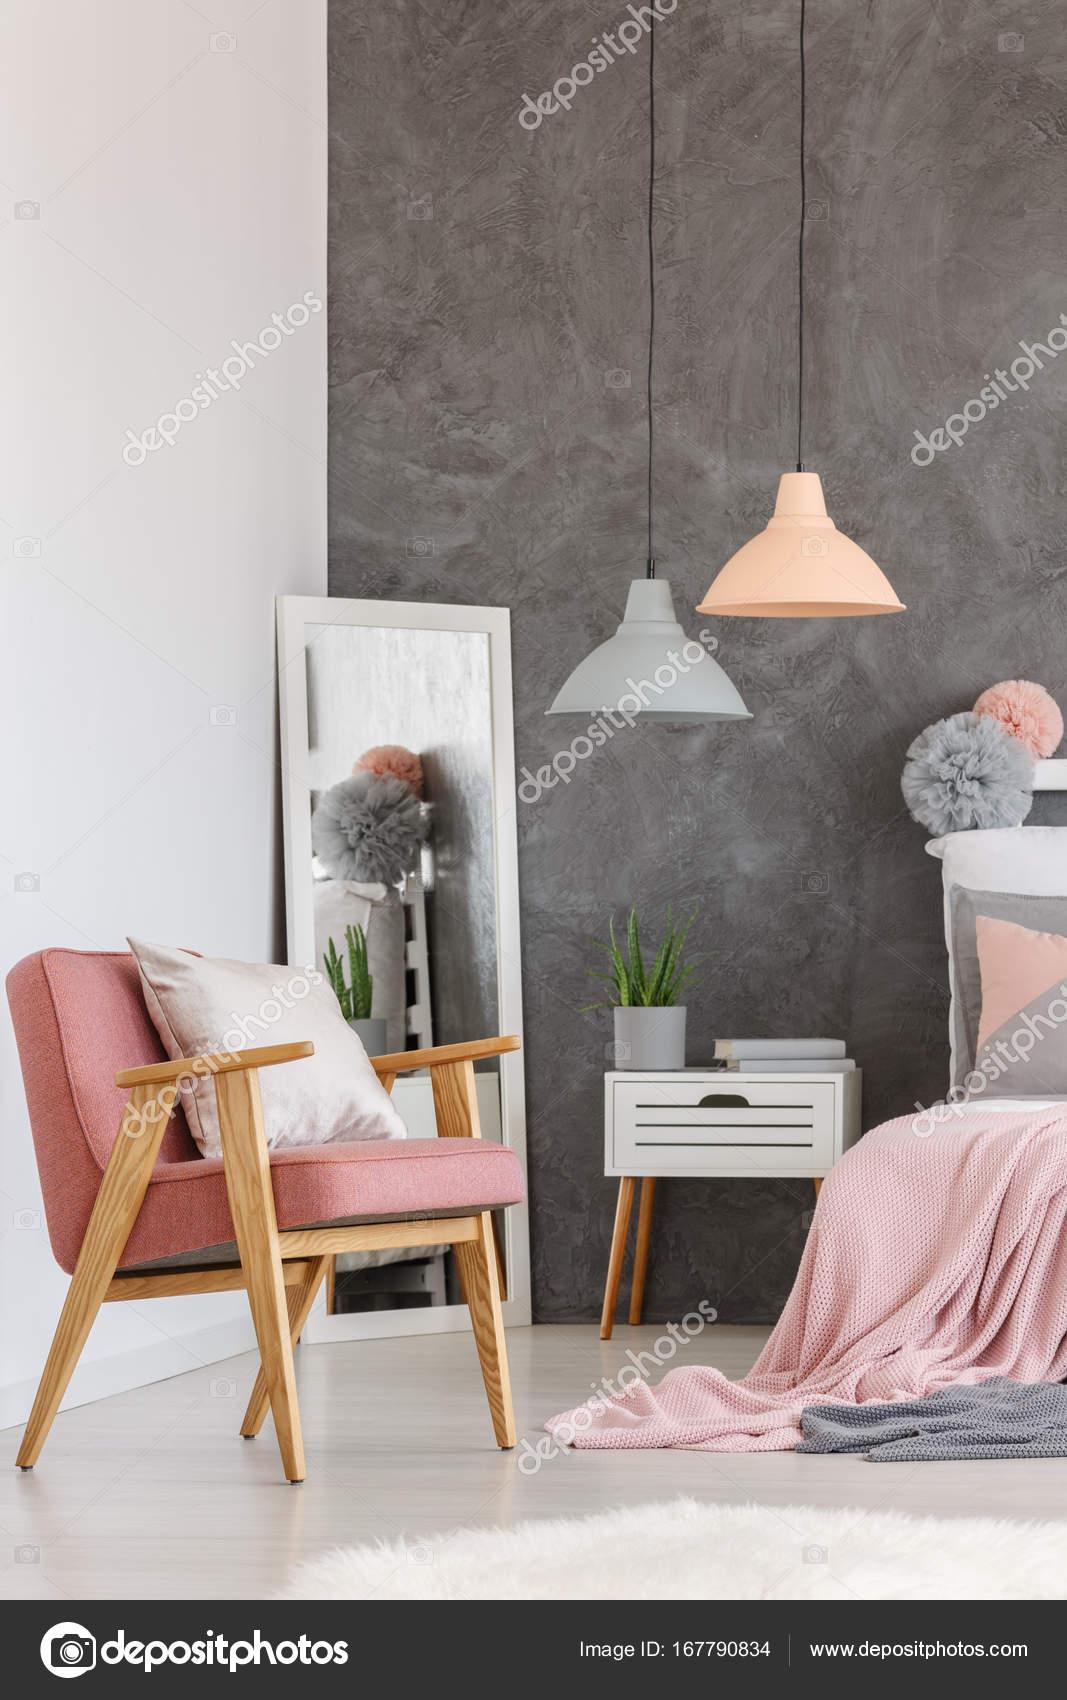 Chaise Vintage Rose dans la chambre — Photographie ...